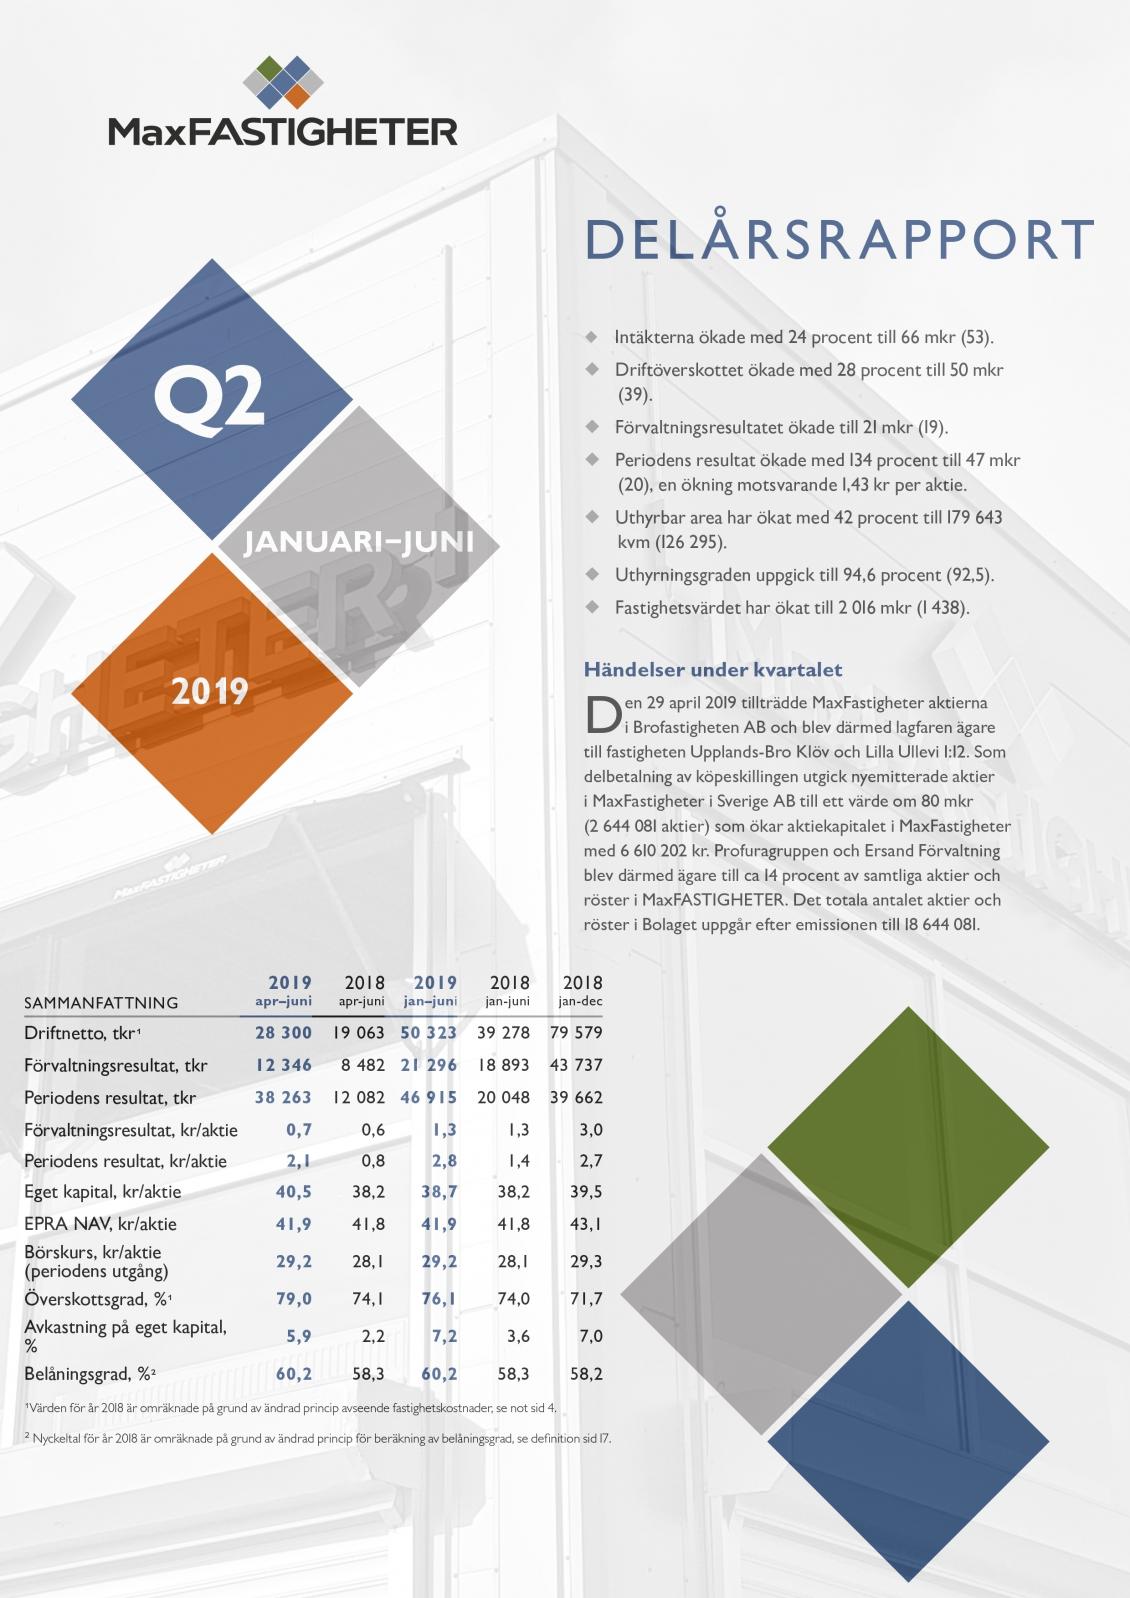 MaxFASTIGHETER delårsrapport Q2 2019_v3-1